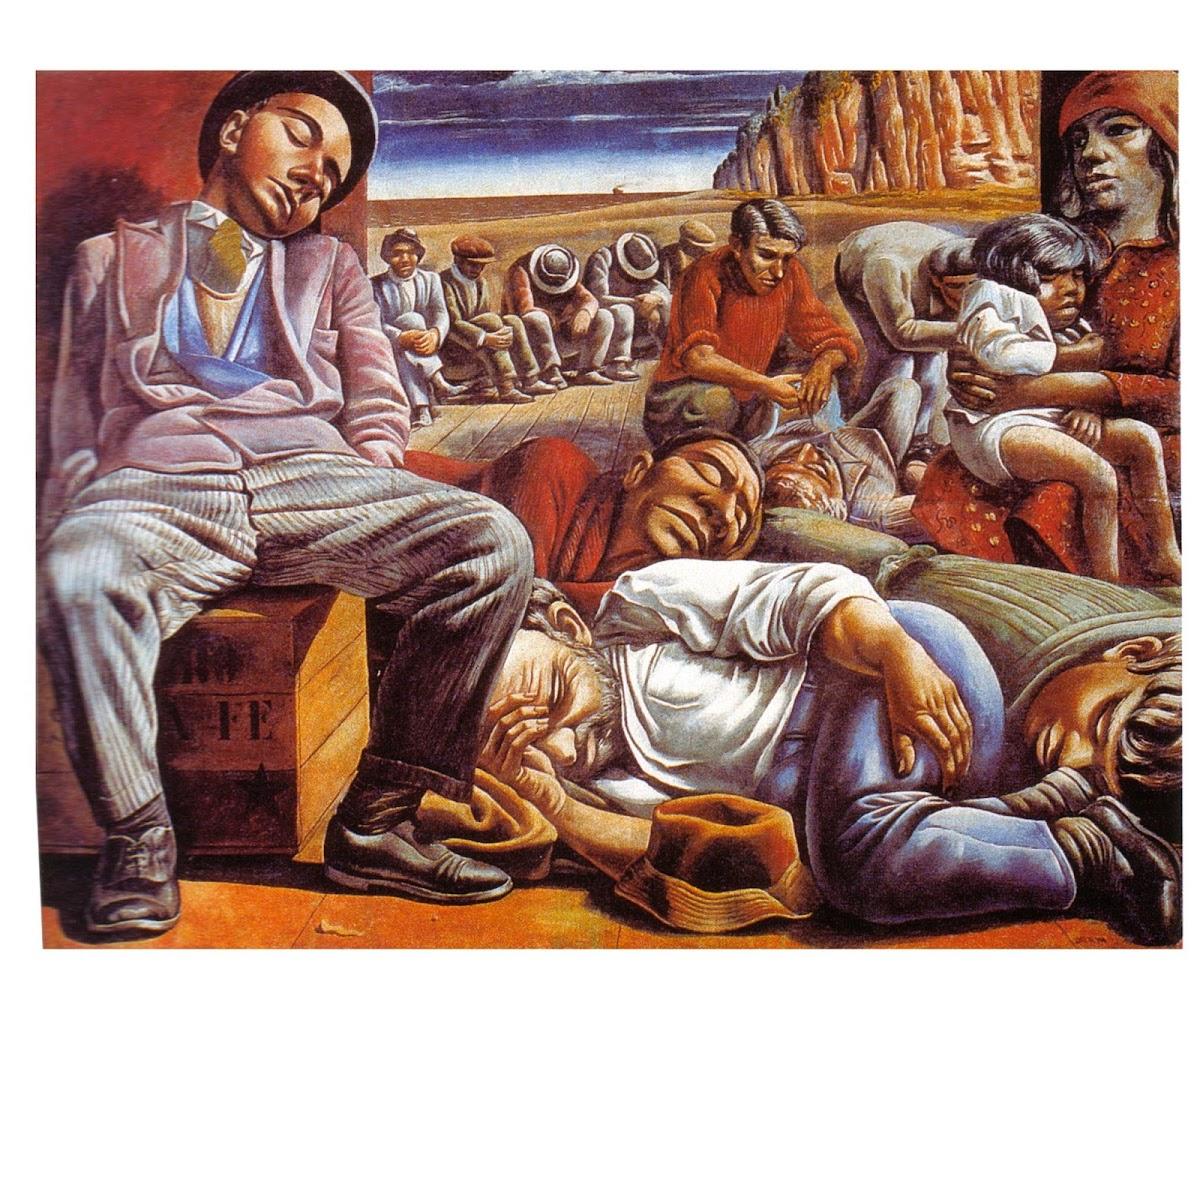 http://2.bp.blogspot.com/-RlQnPpF8lSs/UTT9qnuYKII/AAAAAAAAARg/frgPnoncAmY/s1200/DESOCUPADOS+1934.jpg